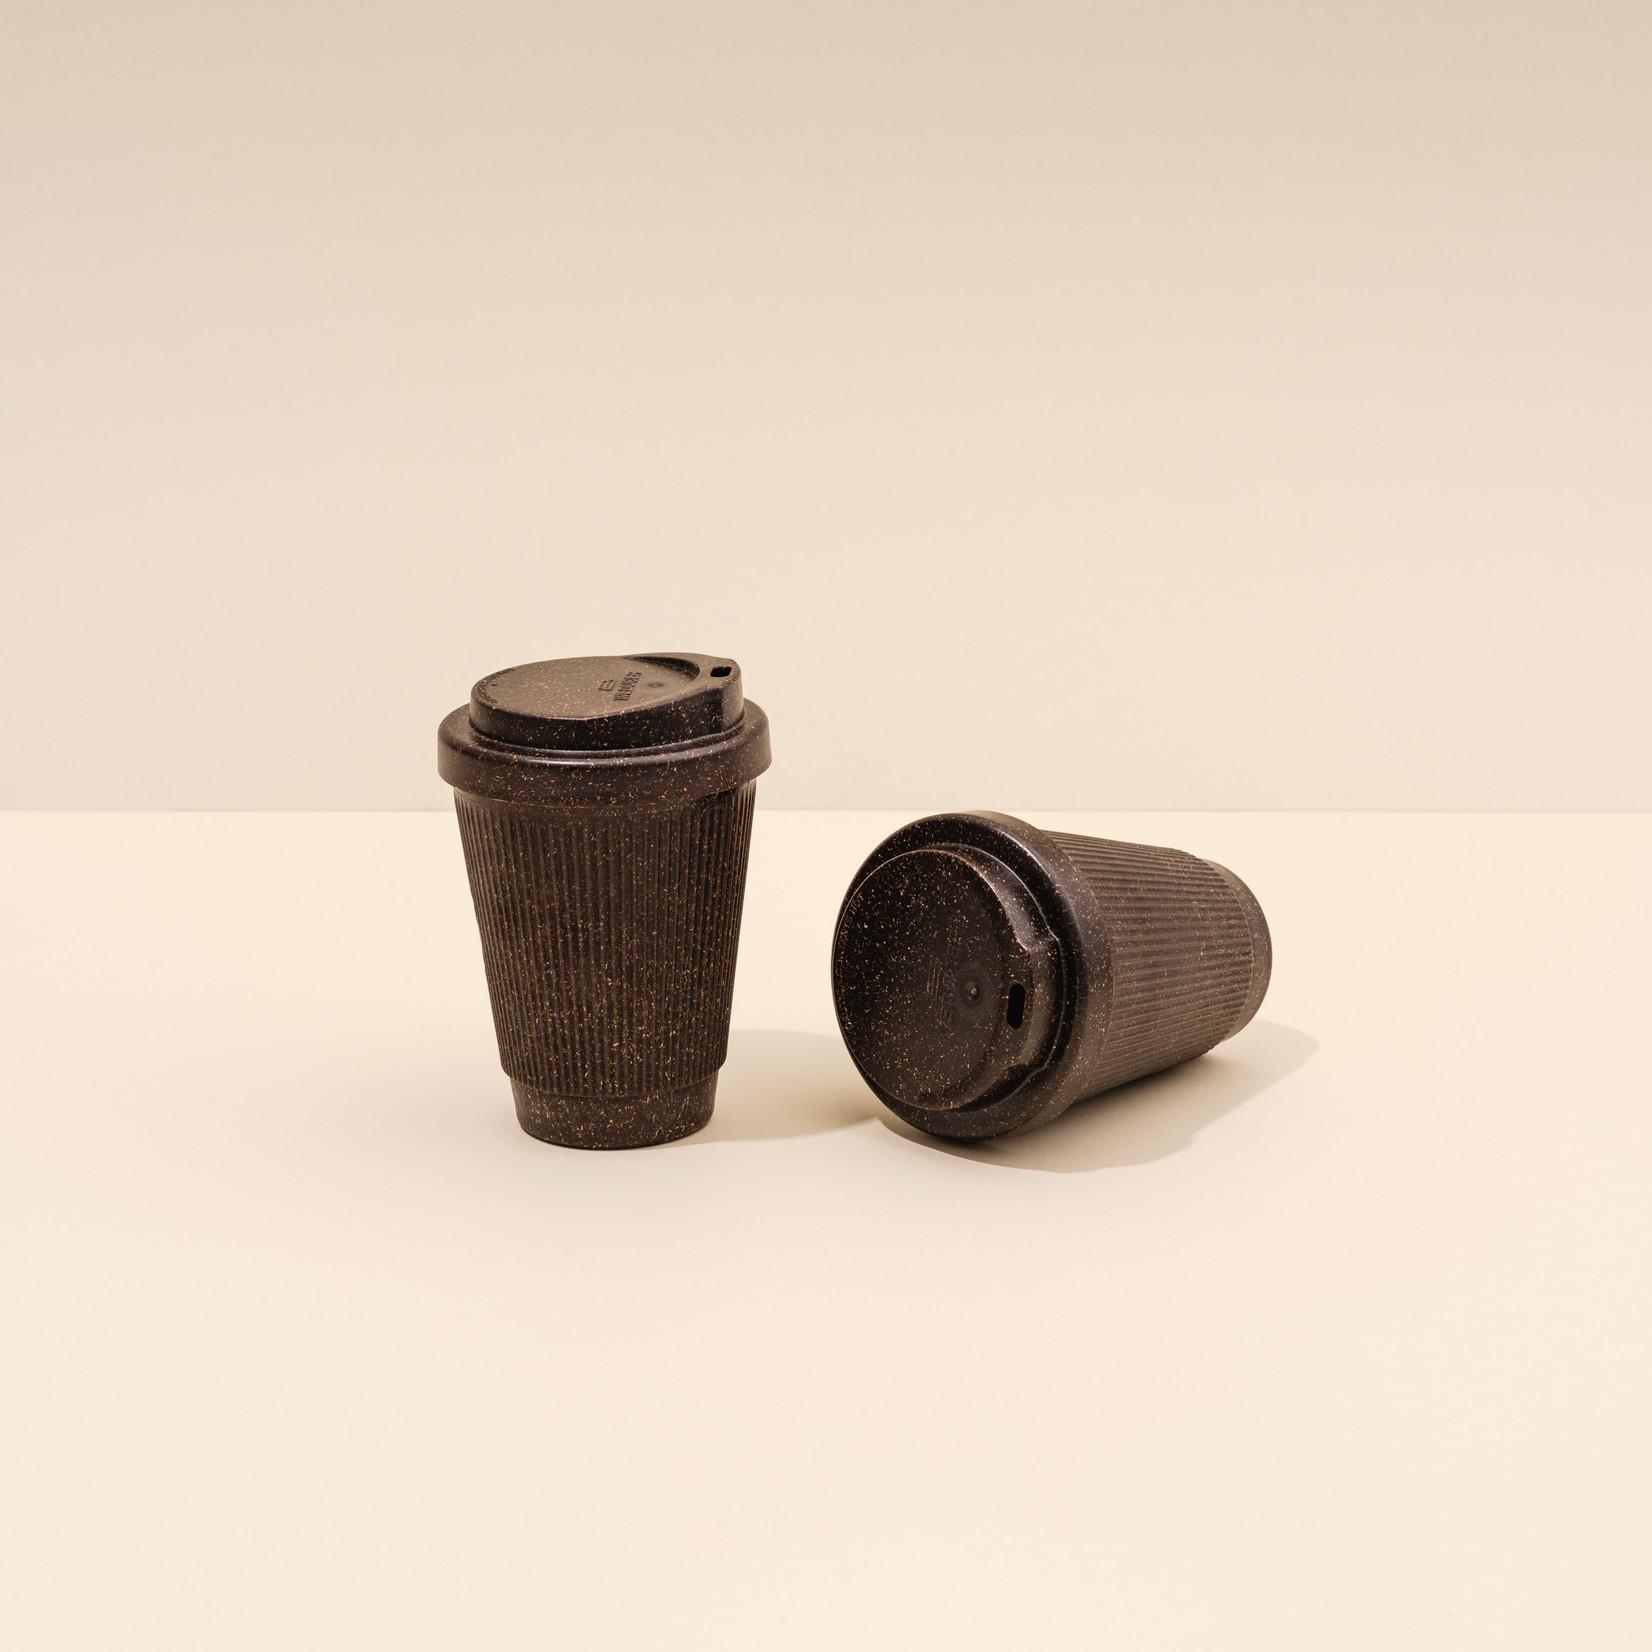 Kaffee form Weducer cup 300ml